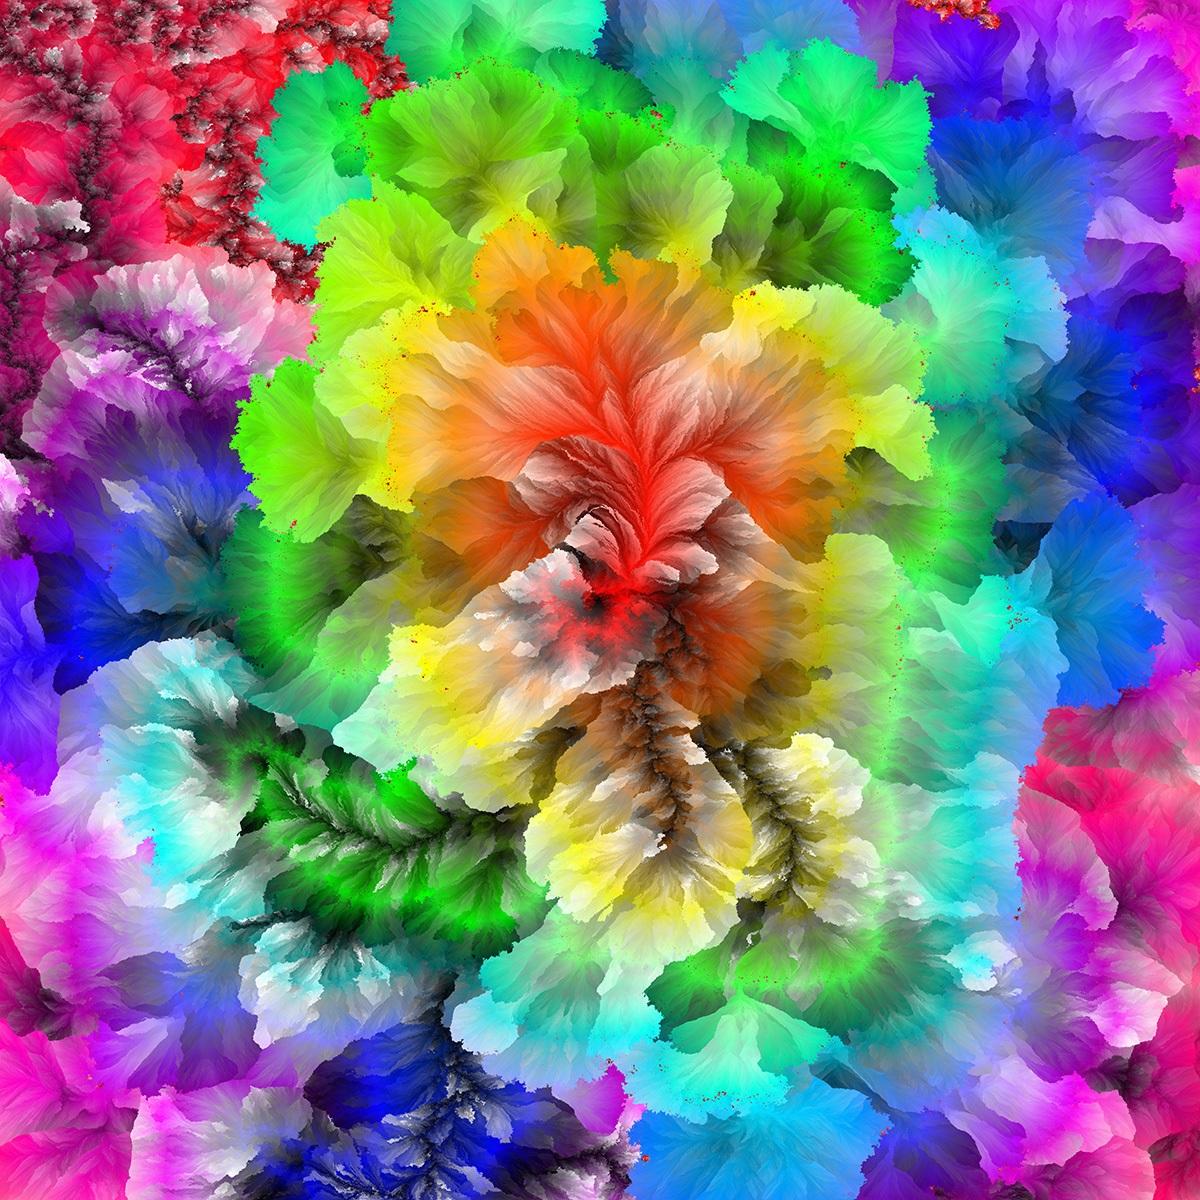 Programa genera 16.8 millones de colores de la forma más llamativa